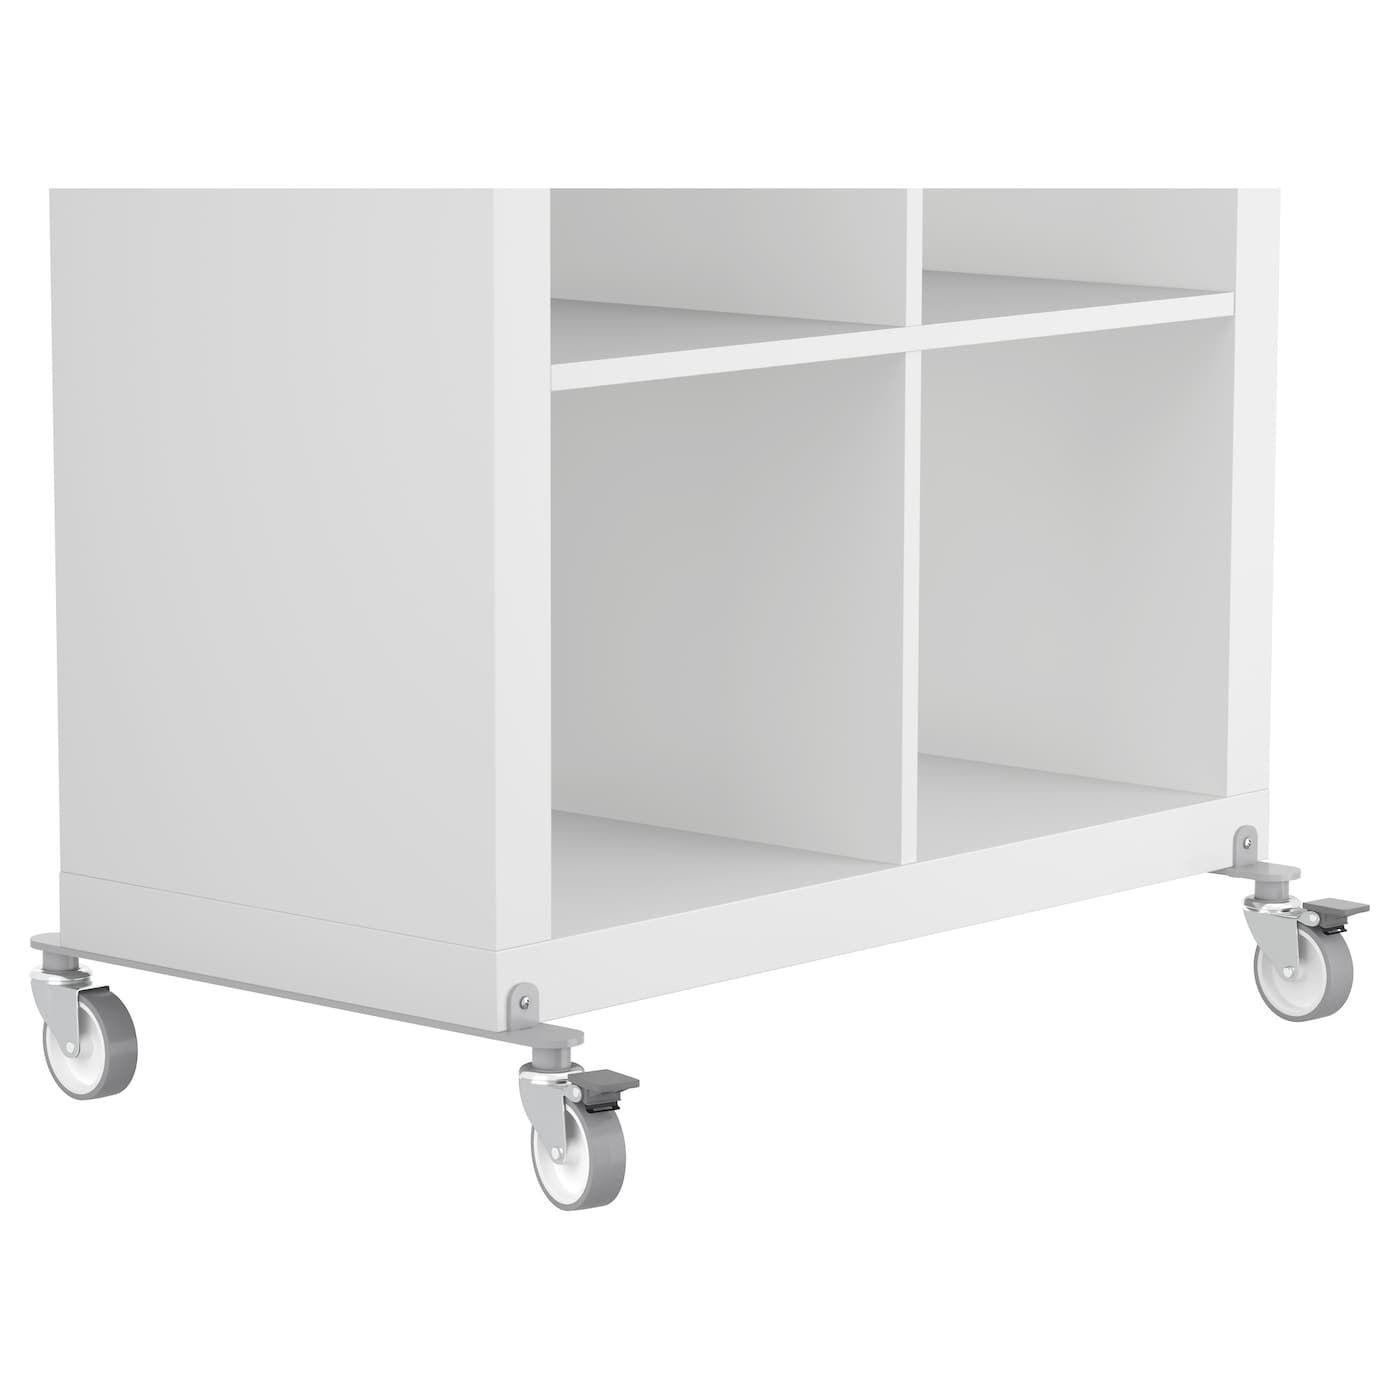 Petit Meuble Roulettes Ikea mobilier et décoration - intérieur et extérieur   ikea